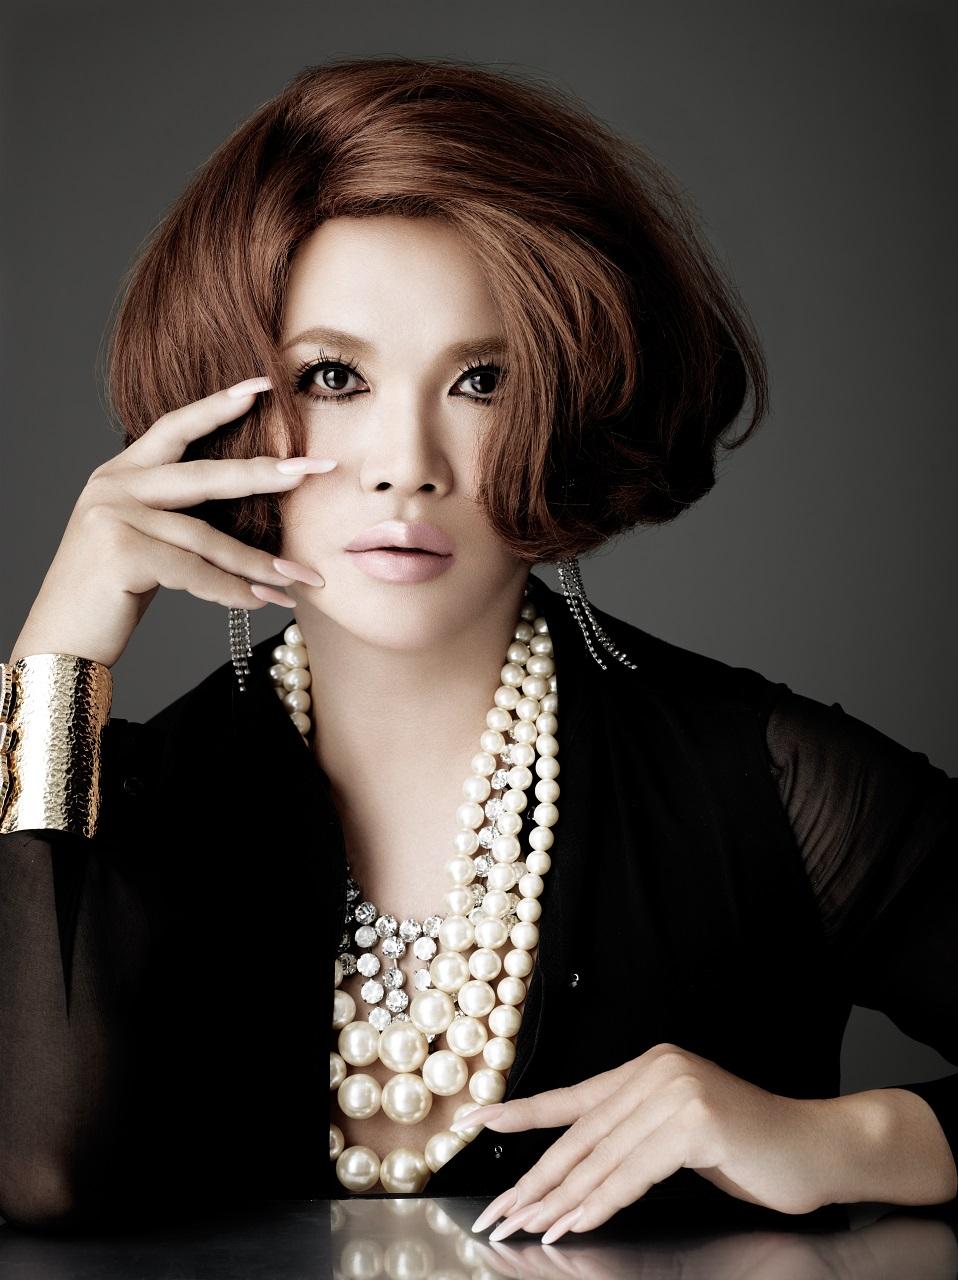 IKKO(いっこう) 1962年福岡県出身。高級美容室「髪結処サワイイ」で8 年間修業の後、ヘアメイクアップ アーティストを目指して独立。数々の雑誌の表紙をはじめ、テレビCM、舞台等のヘアメイクを通してIKKO 流「女優メイク」を確立し、絶大な信頼を獲得。幼少期から抱えていたコンプレックスを乗り越える事により、生き方学を身につけ、世間から多大なる共感を得る。現在は、美容家として活躍する傍ら、そのセンスを活かして振袖をはじめ、様々な商品開発、執筆や講演、音楽活動などにとどまらず、プロデューサーとしても活躍の場を広げている。さらに、韓国観光名誉広報大使に任命され「2009年ソウル観光大賞」をはじめ、数々の賞を韓国で受賞するなど、活躍の場は海外にまで広がっている。